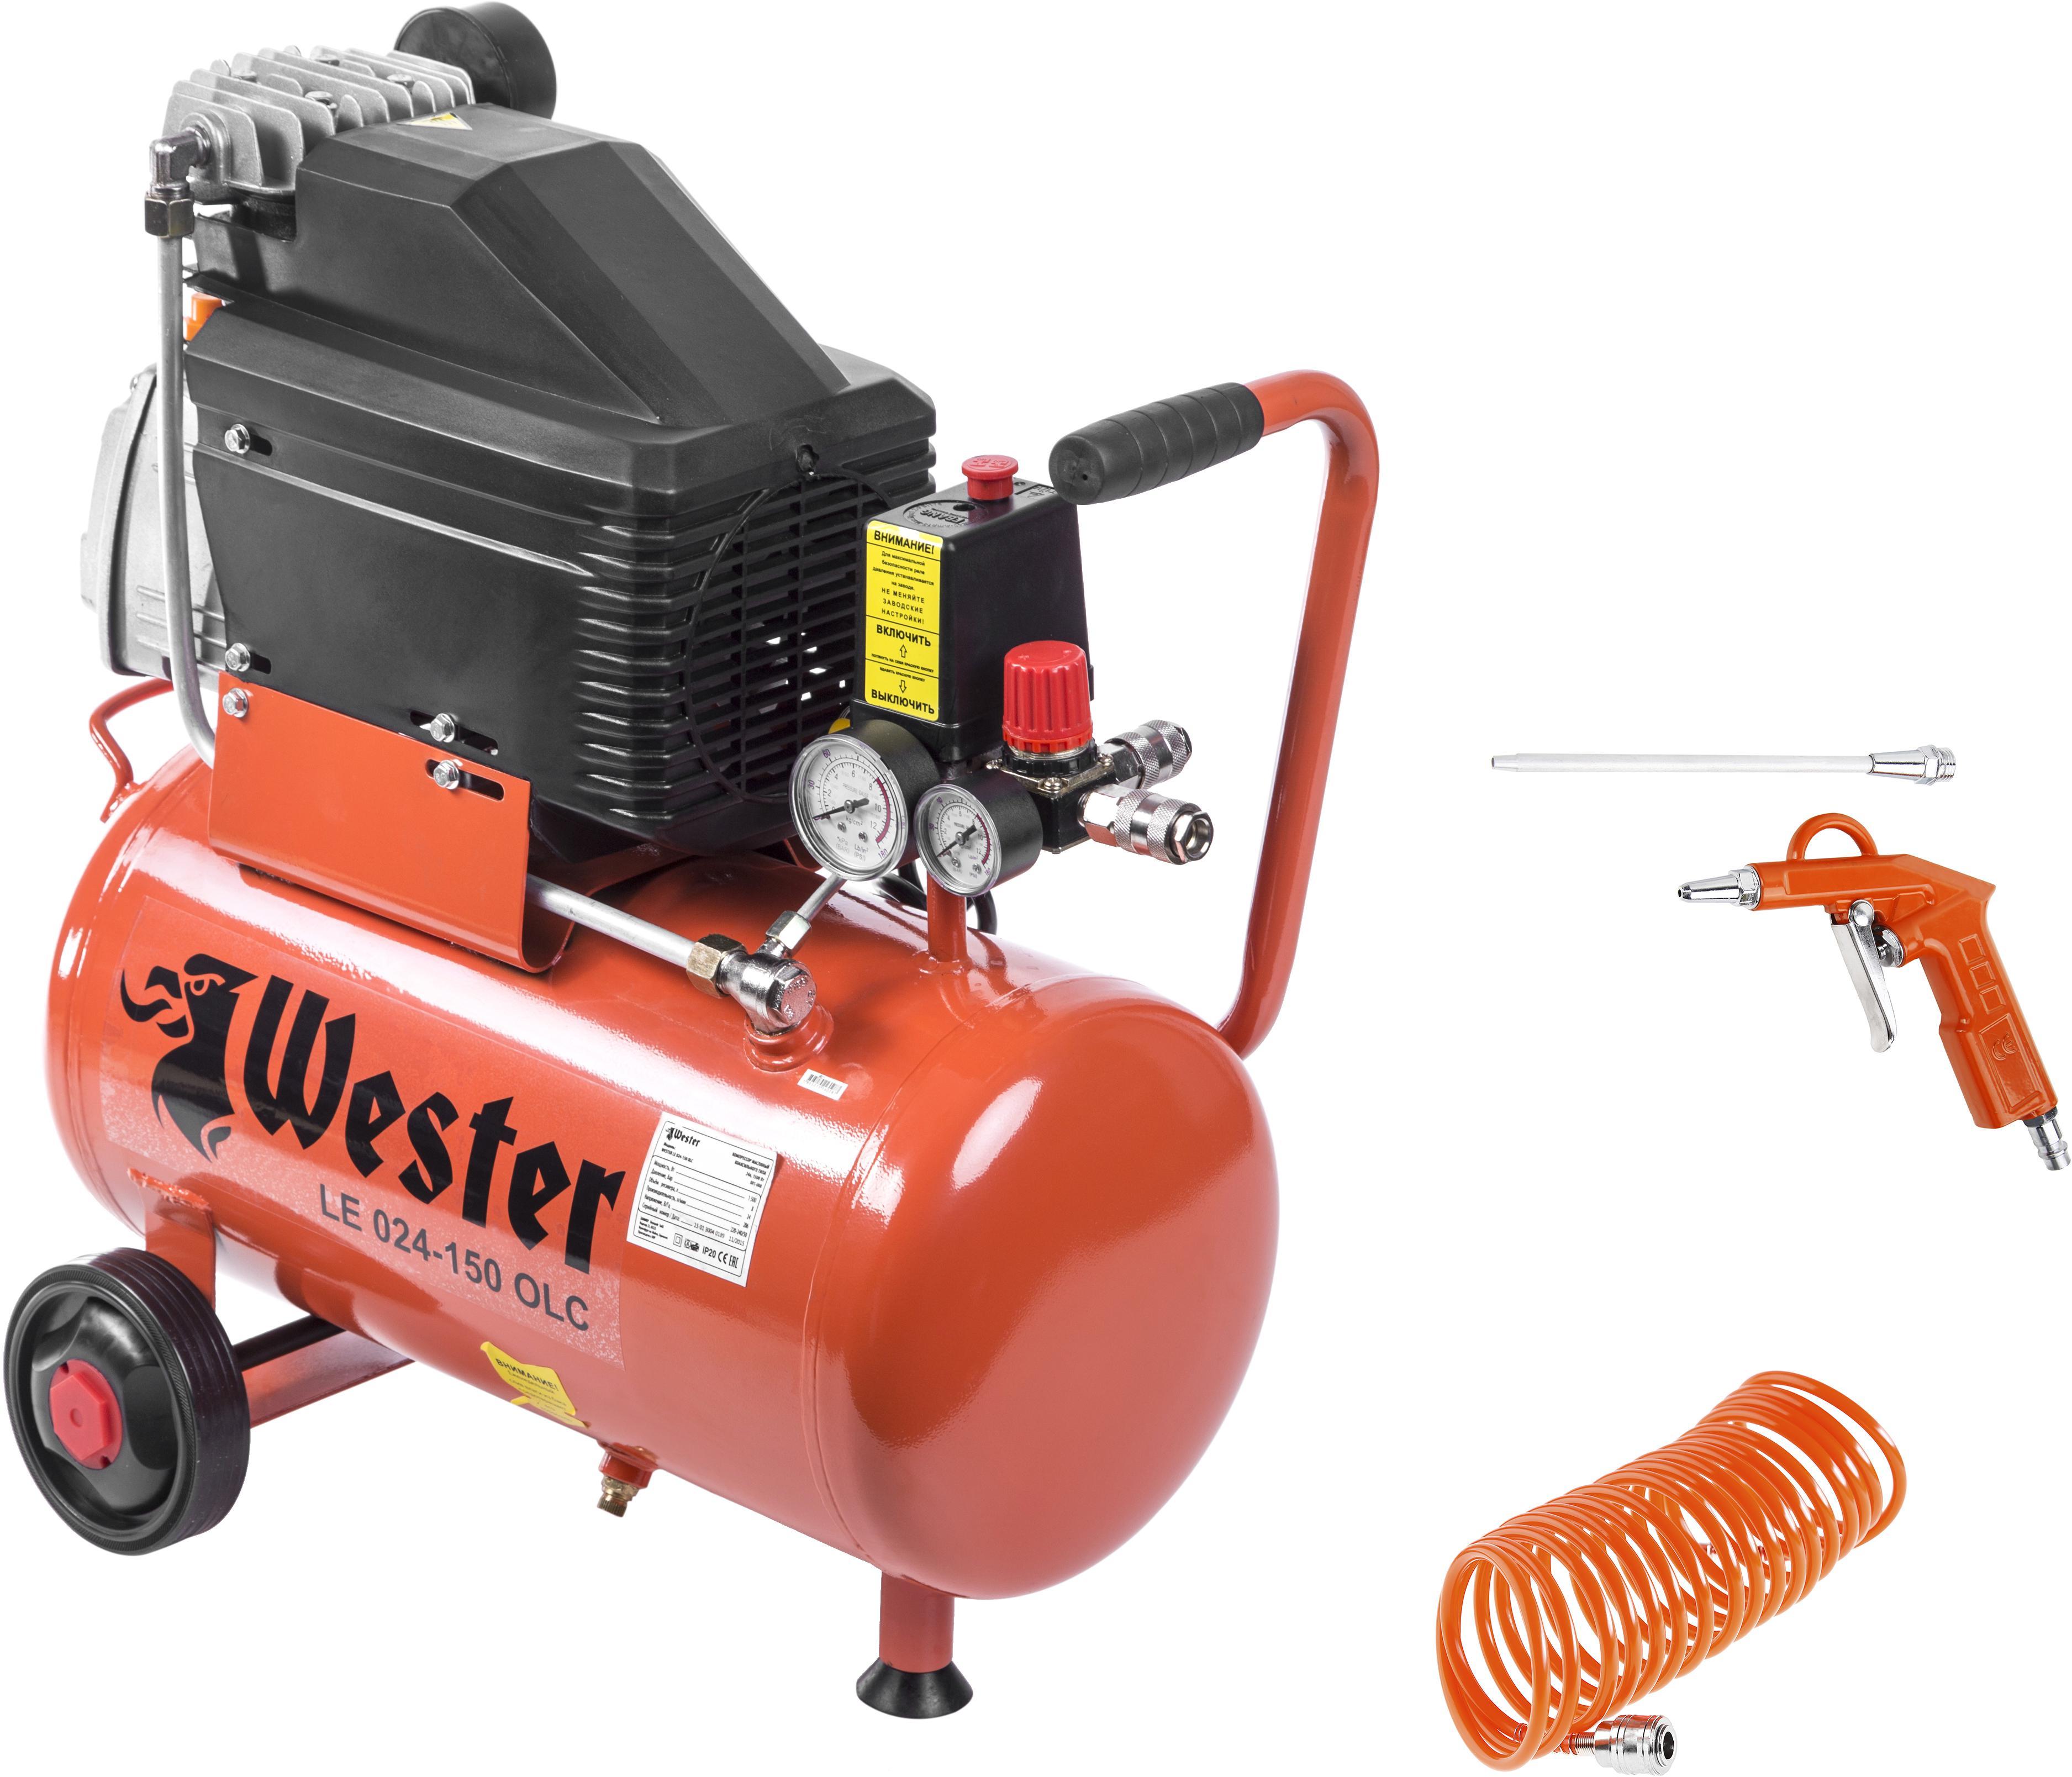 Набор Wester Компрессор le 024-150 olc +Шланг 814-007 пневматический спиральный +Пистолет продувочный bp-10 шланг wester 814 005 пневматический